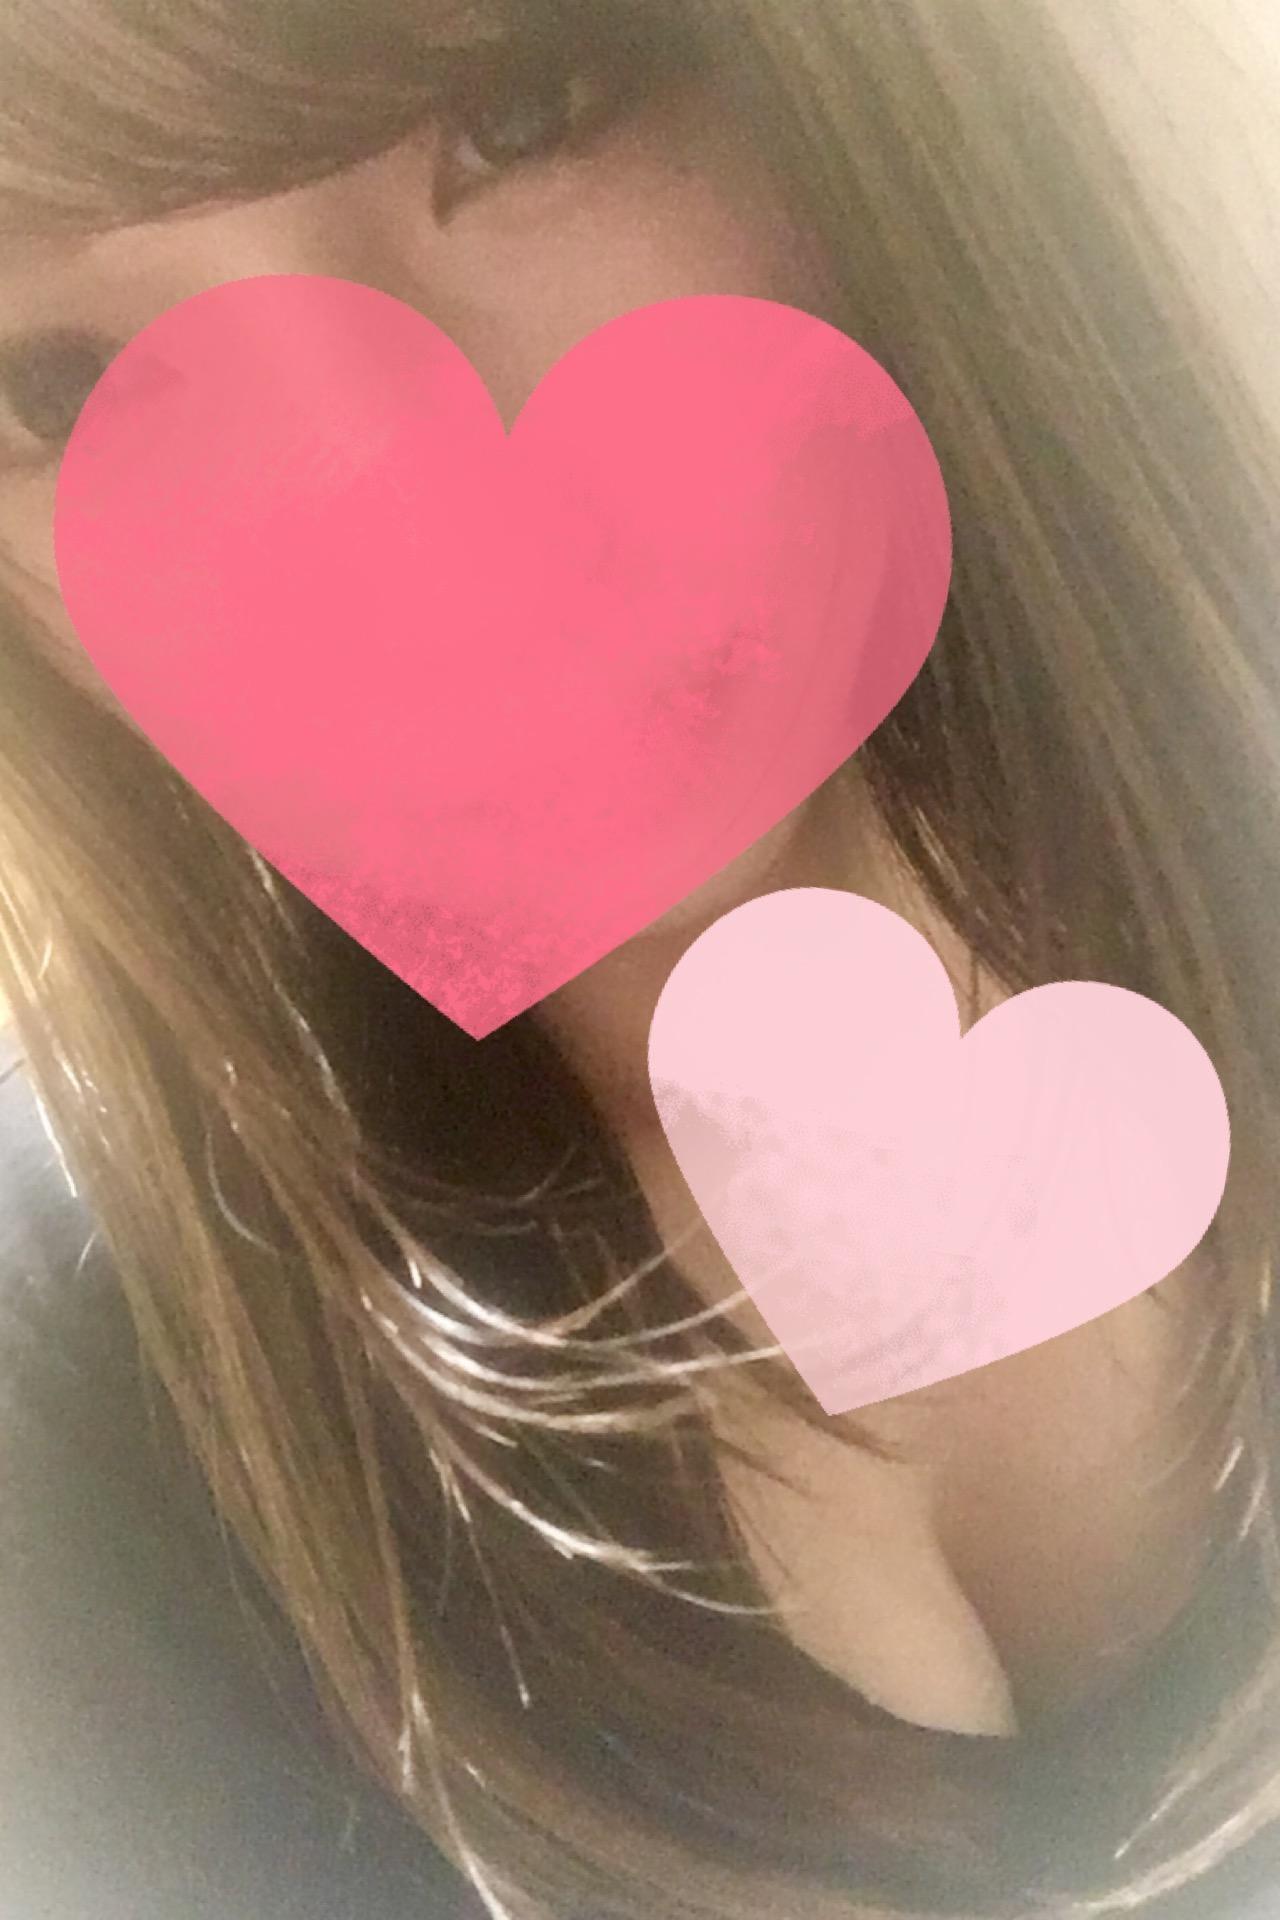 「本日出勤☆」01/23(01/23) 19:37   月城 さくらの写メ・風俗動画